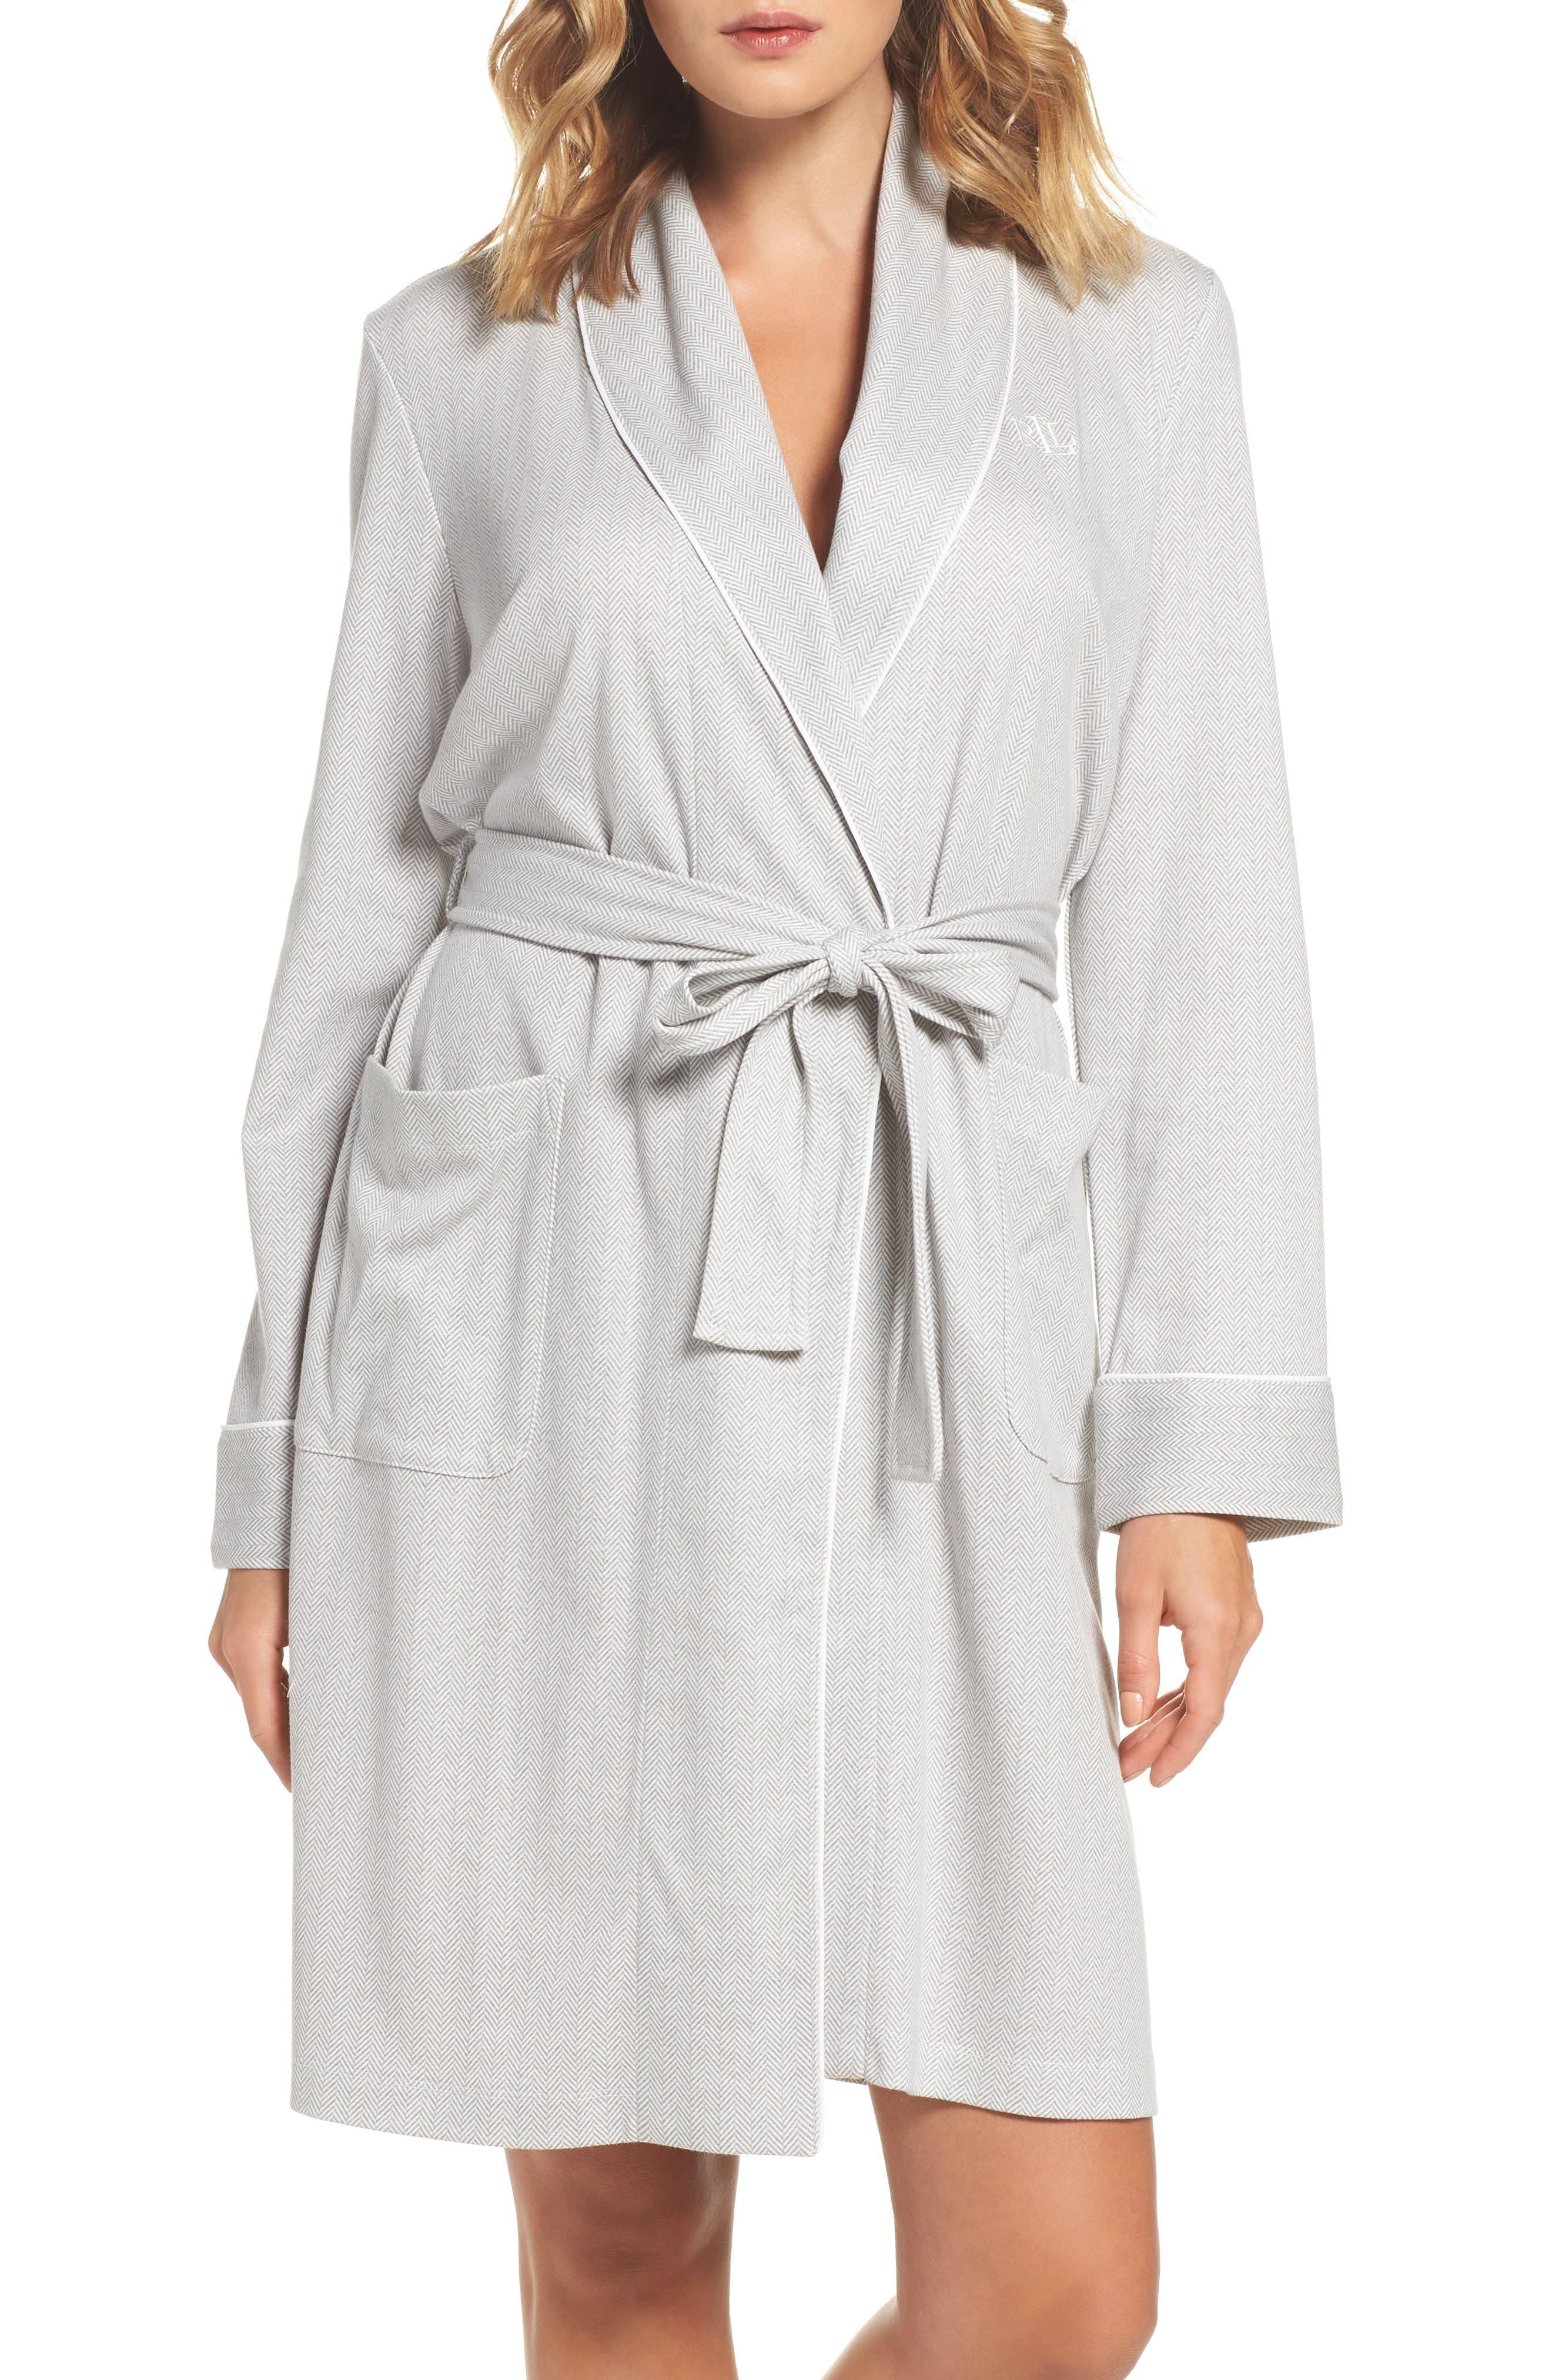 Short Robe,                             Main thumbnail 1, color,                             023